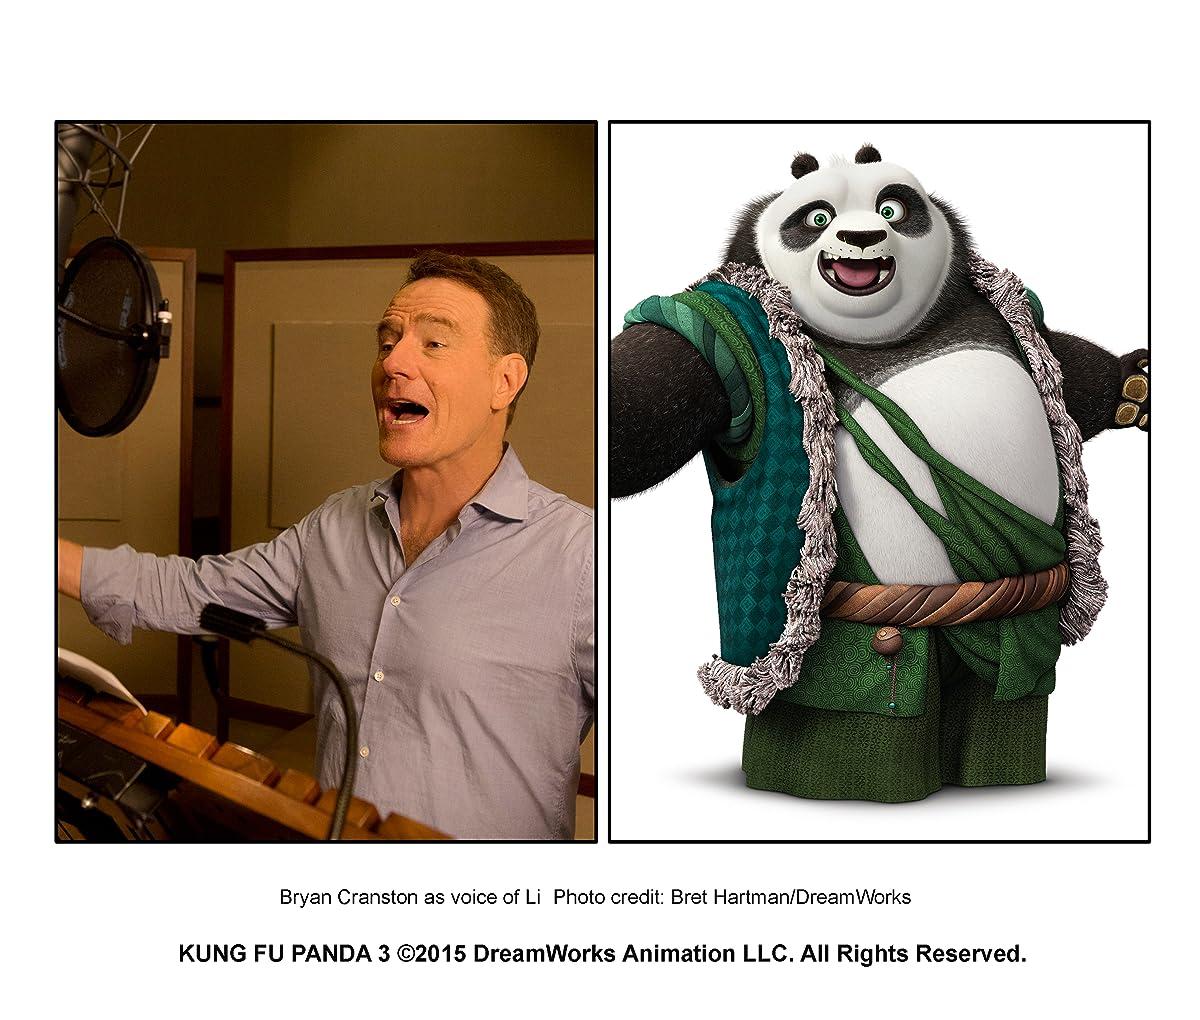 Black Jack Imdb: Kung Fu Panda 3 (2016)